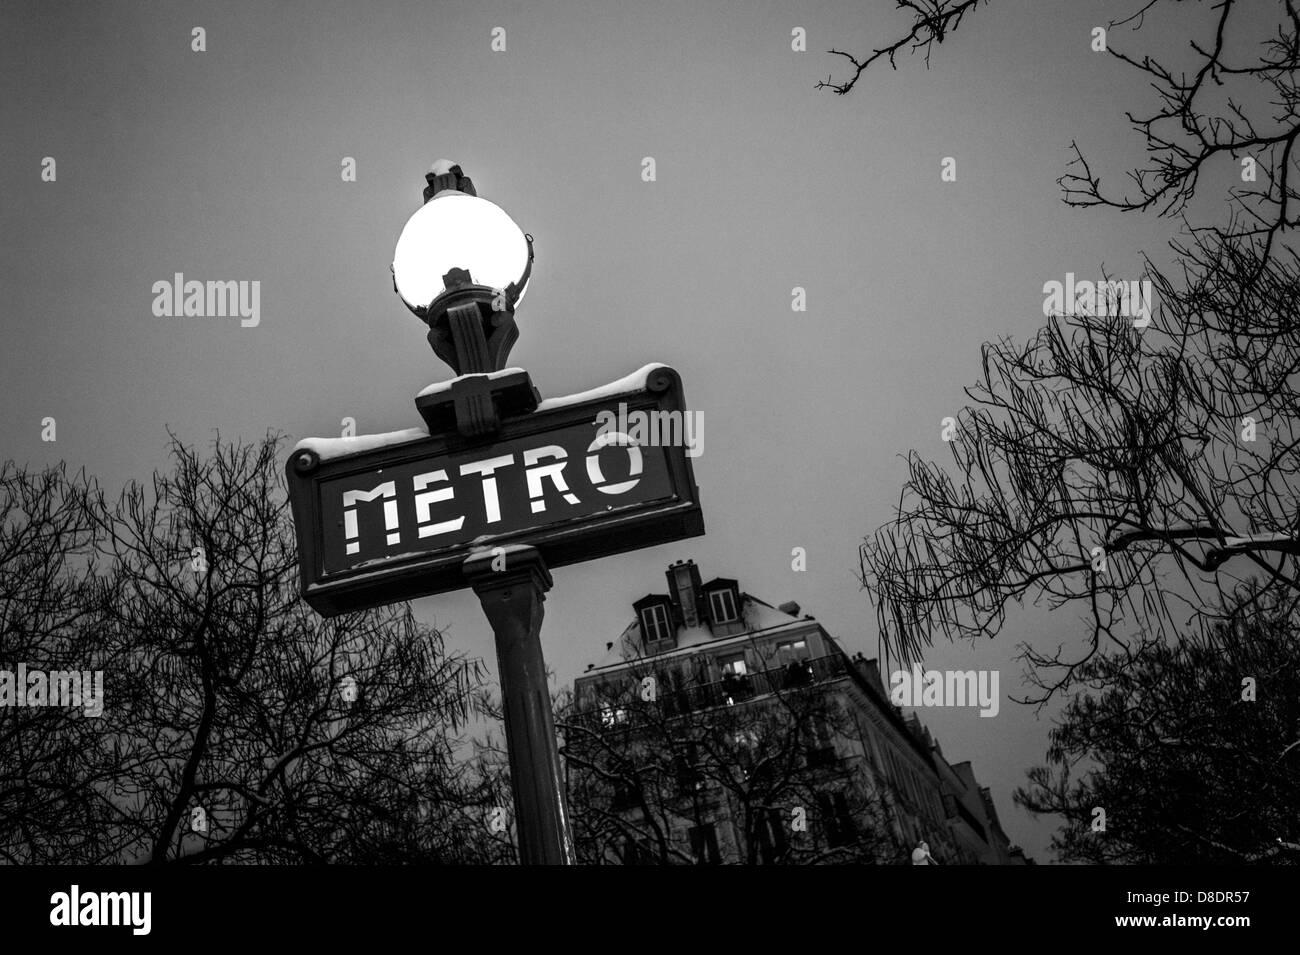 Plaque Metro Parisien Deco ornate street sign stock photos & ornate street sign stock